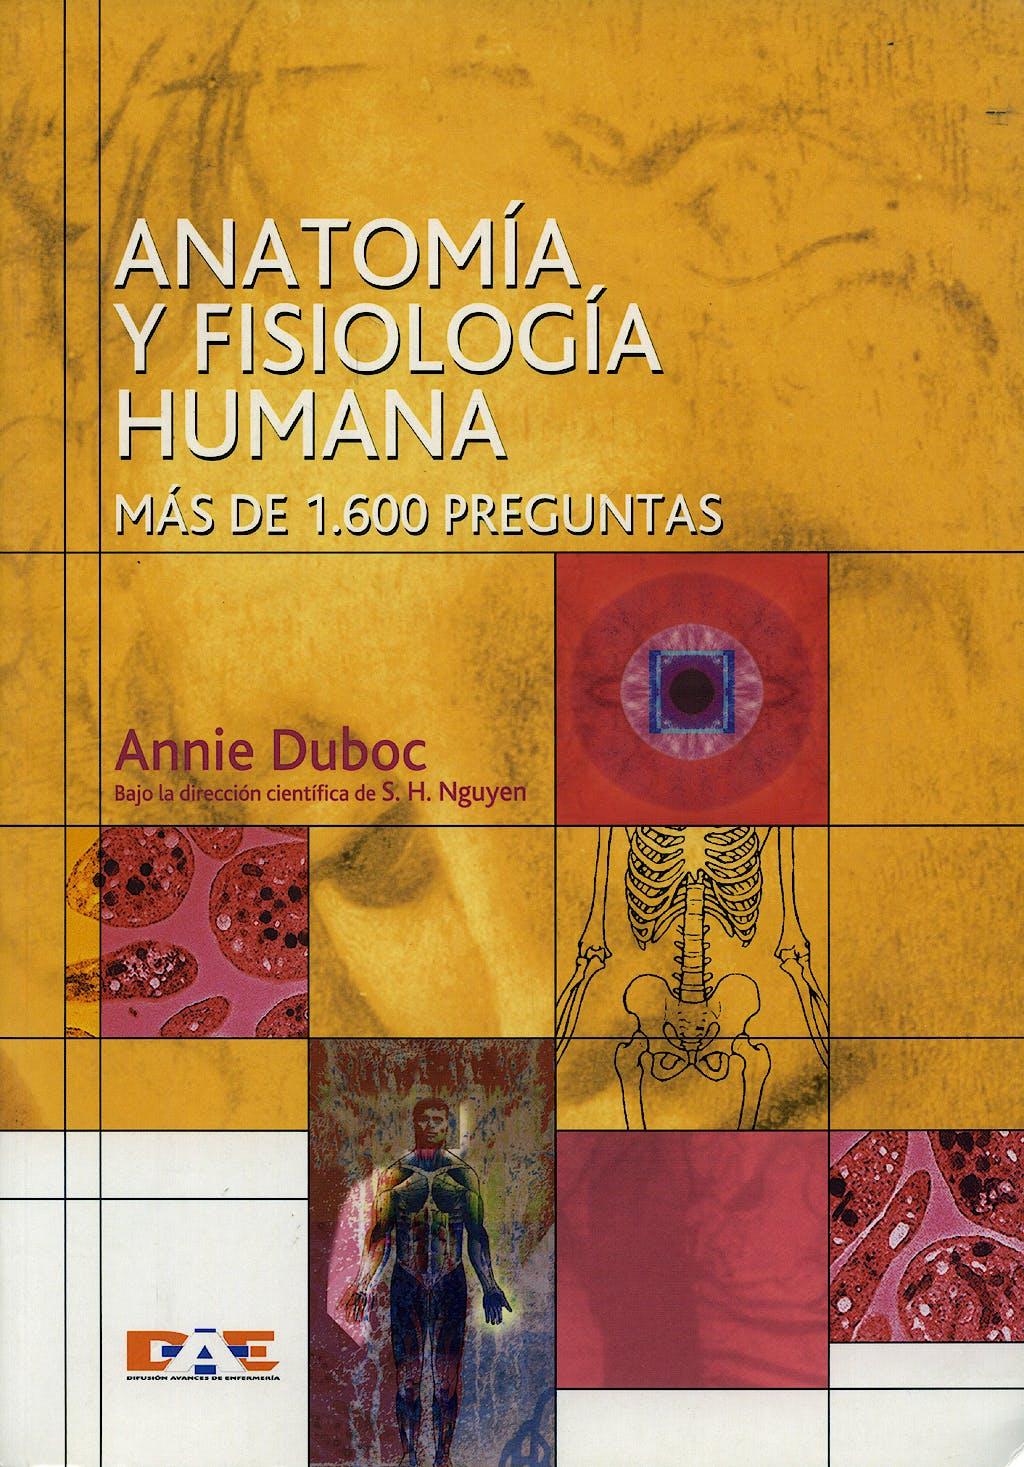 Producto: Anatomia y Fisiologia Humana. mas de 1600 Preguntas